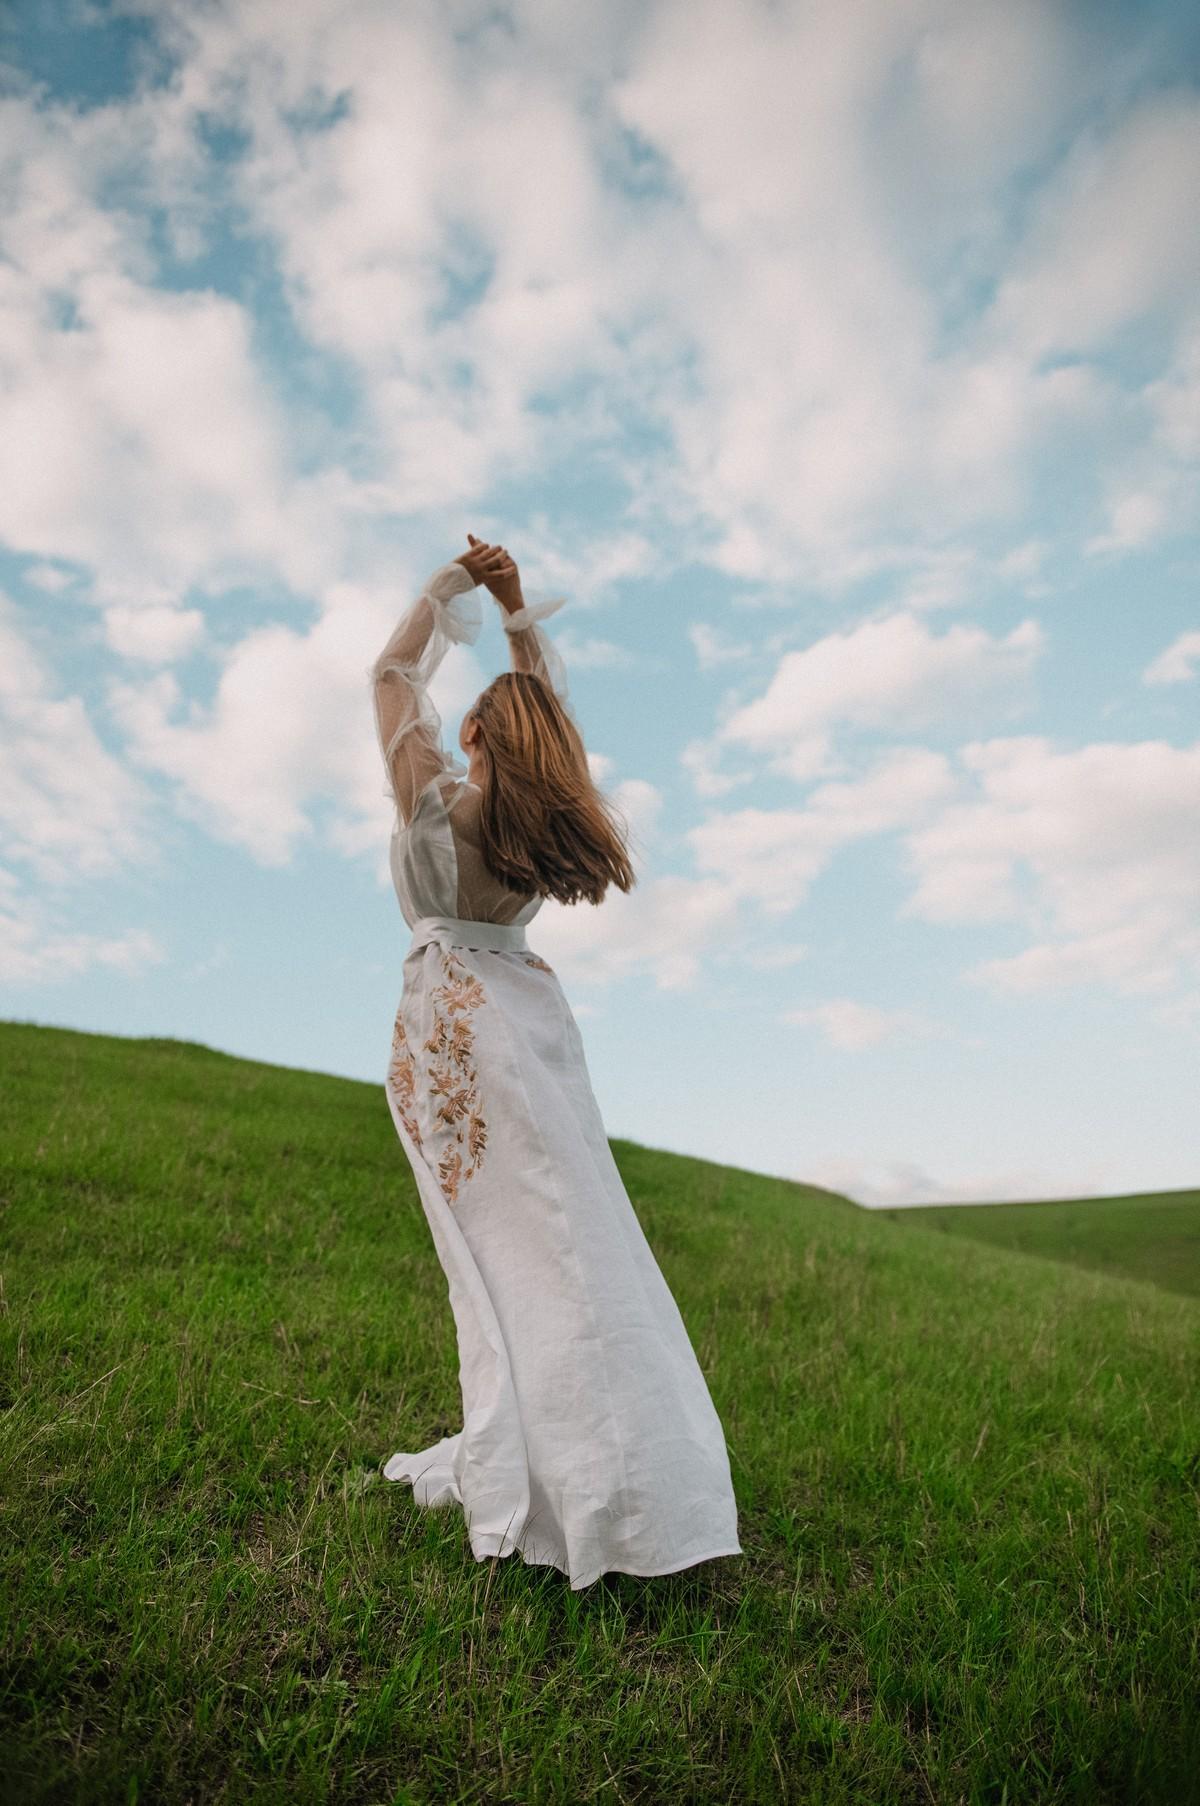 2KOLYORY представил новую коллекцию платьев вышиванок ZERNO 5